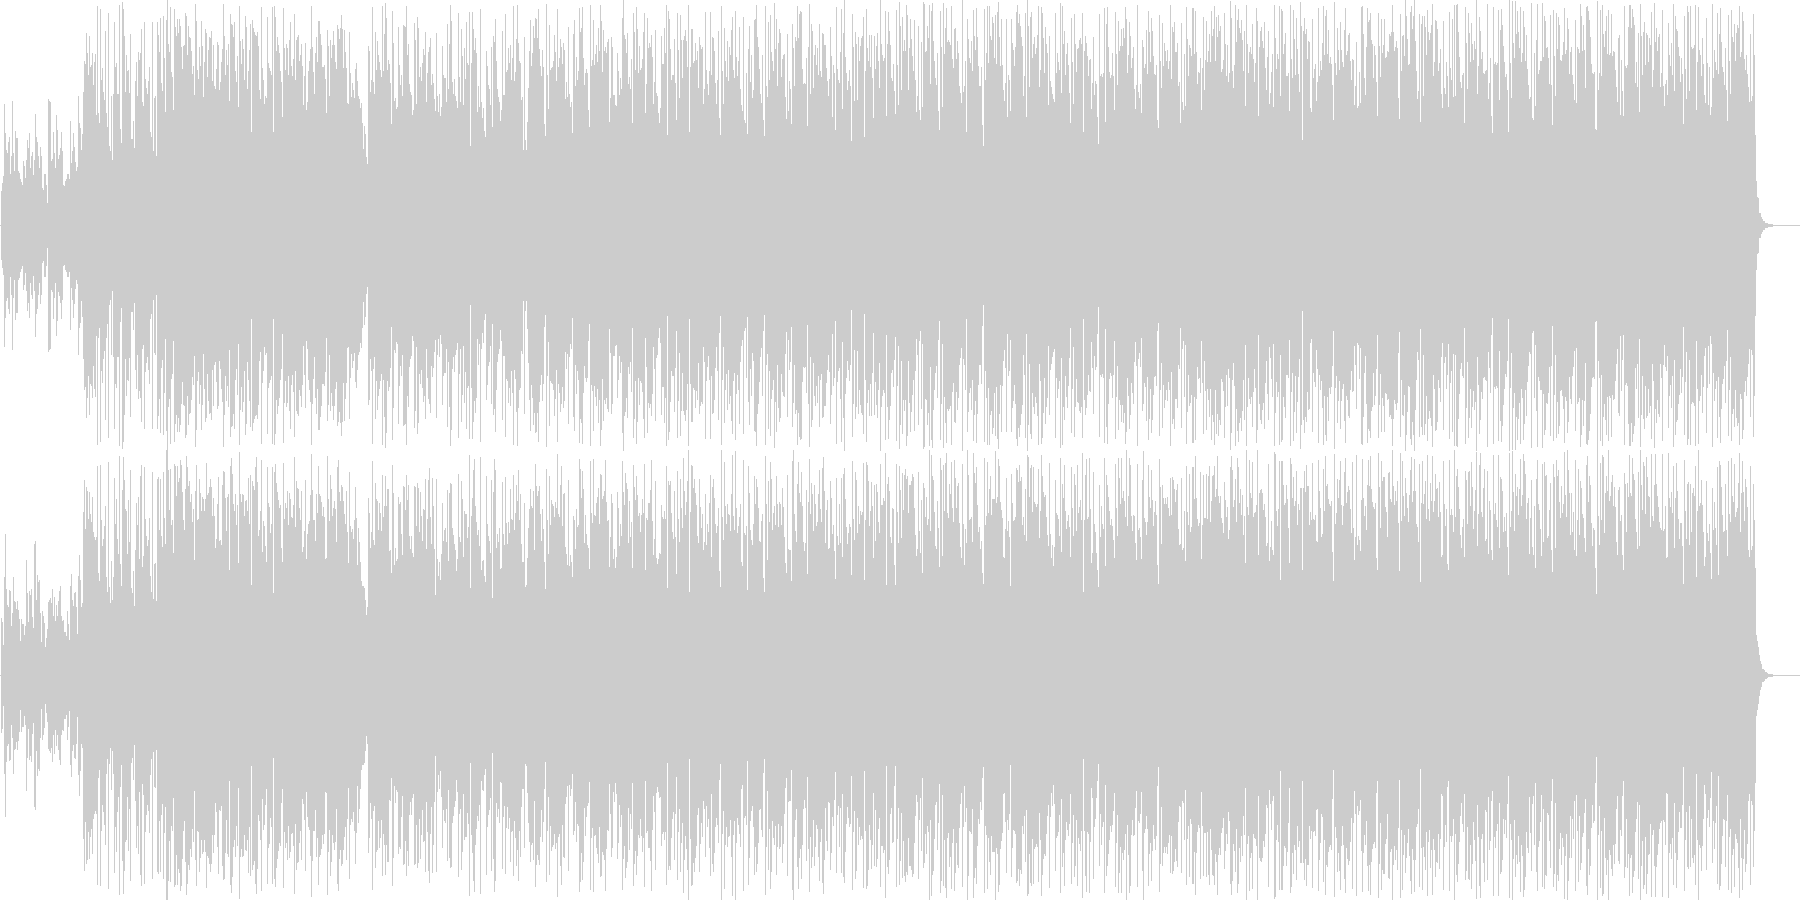 エレピが効いたメロウなバラードの未再生の波形